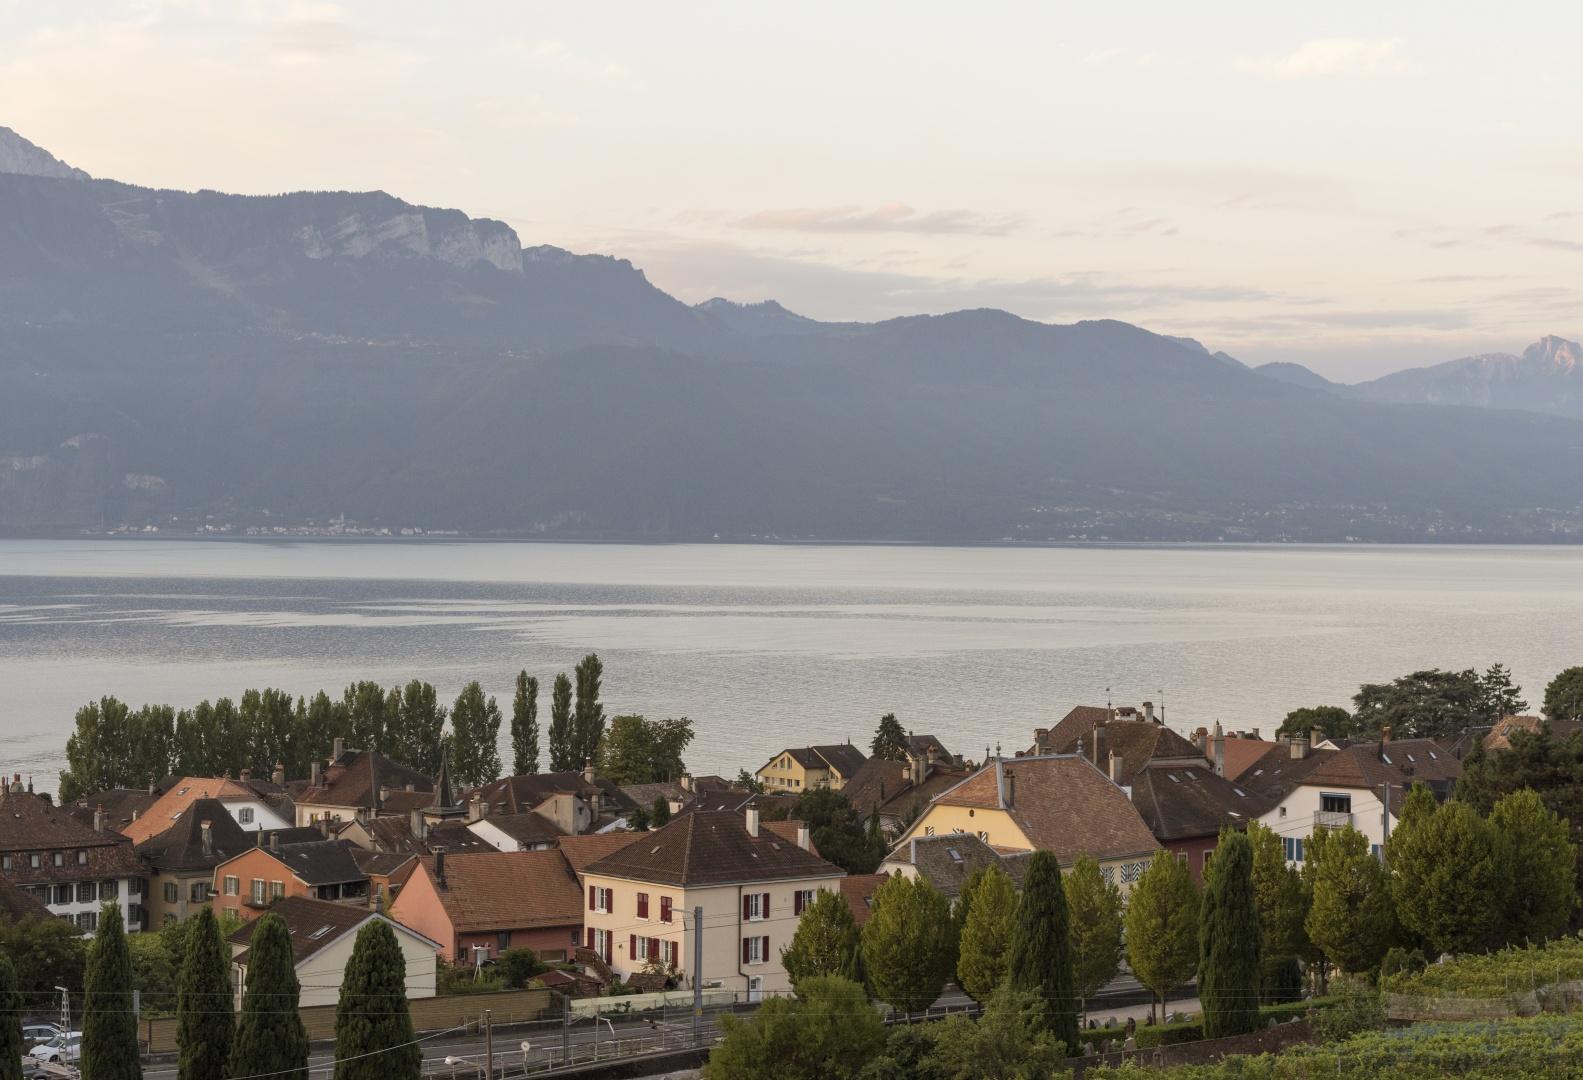 © Matthieu Gafsou, Lausanne